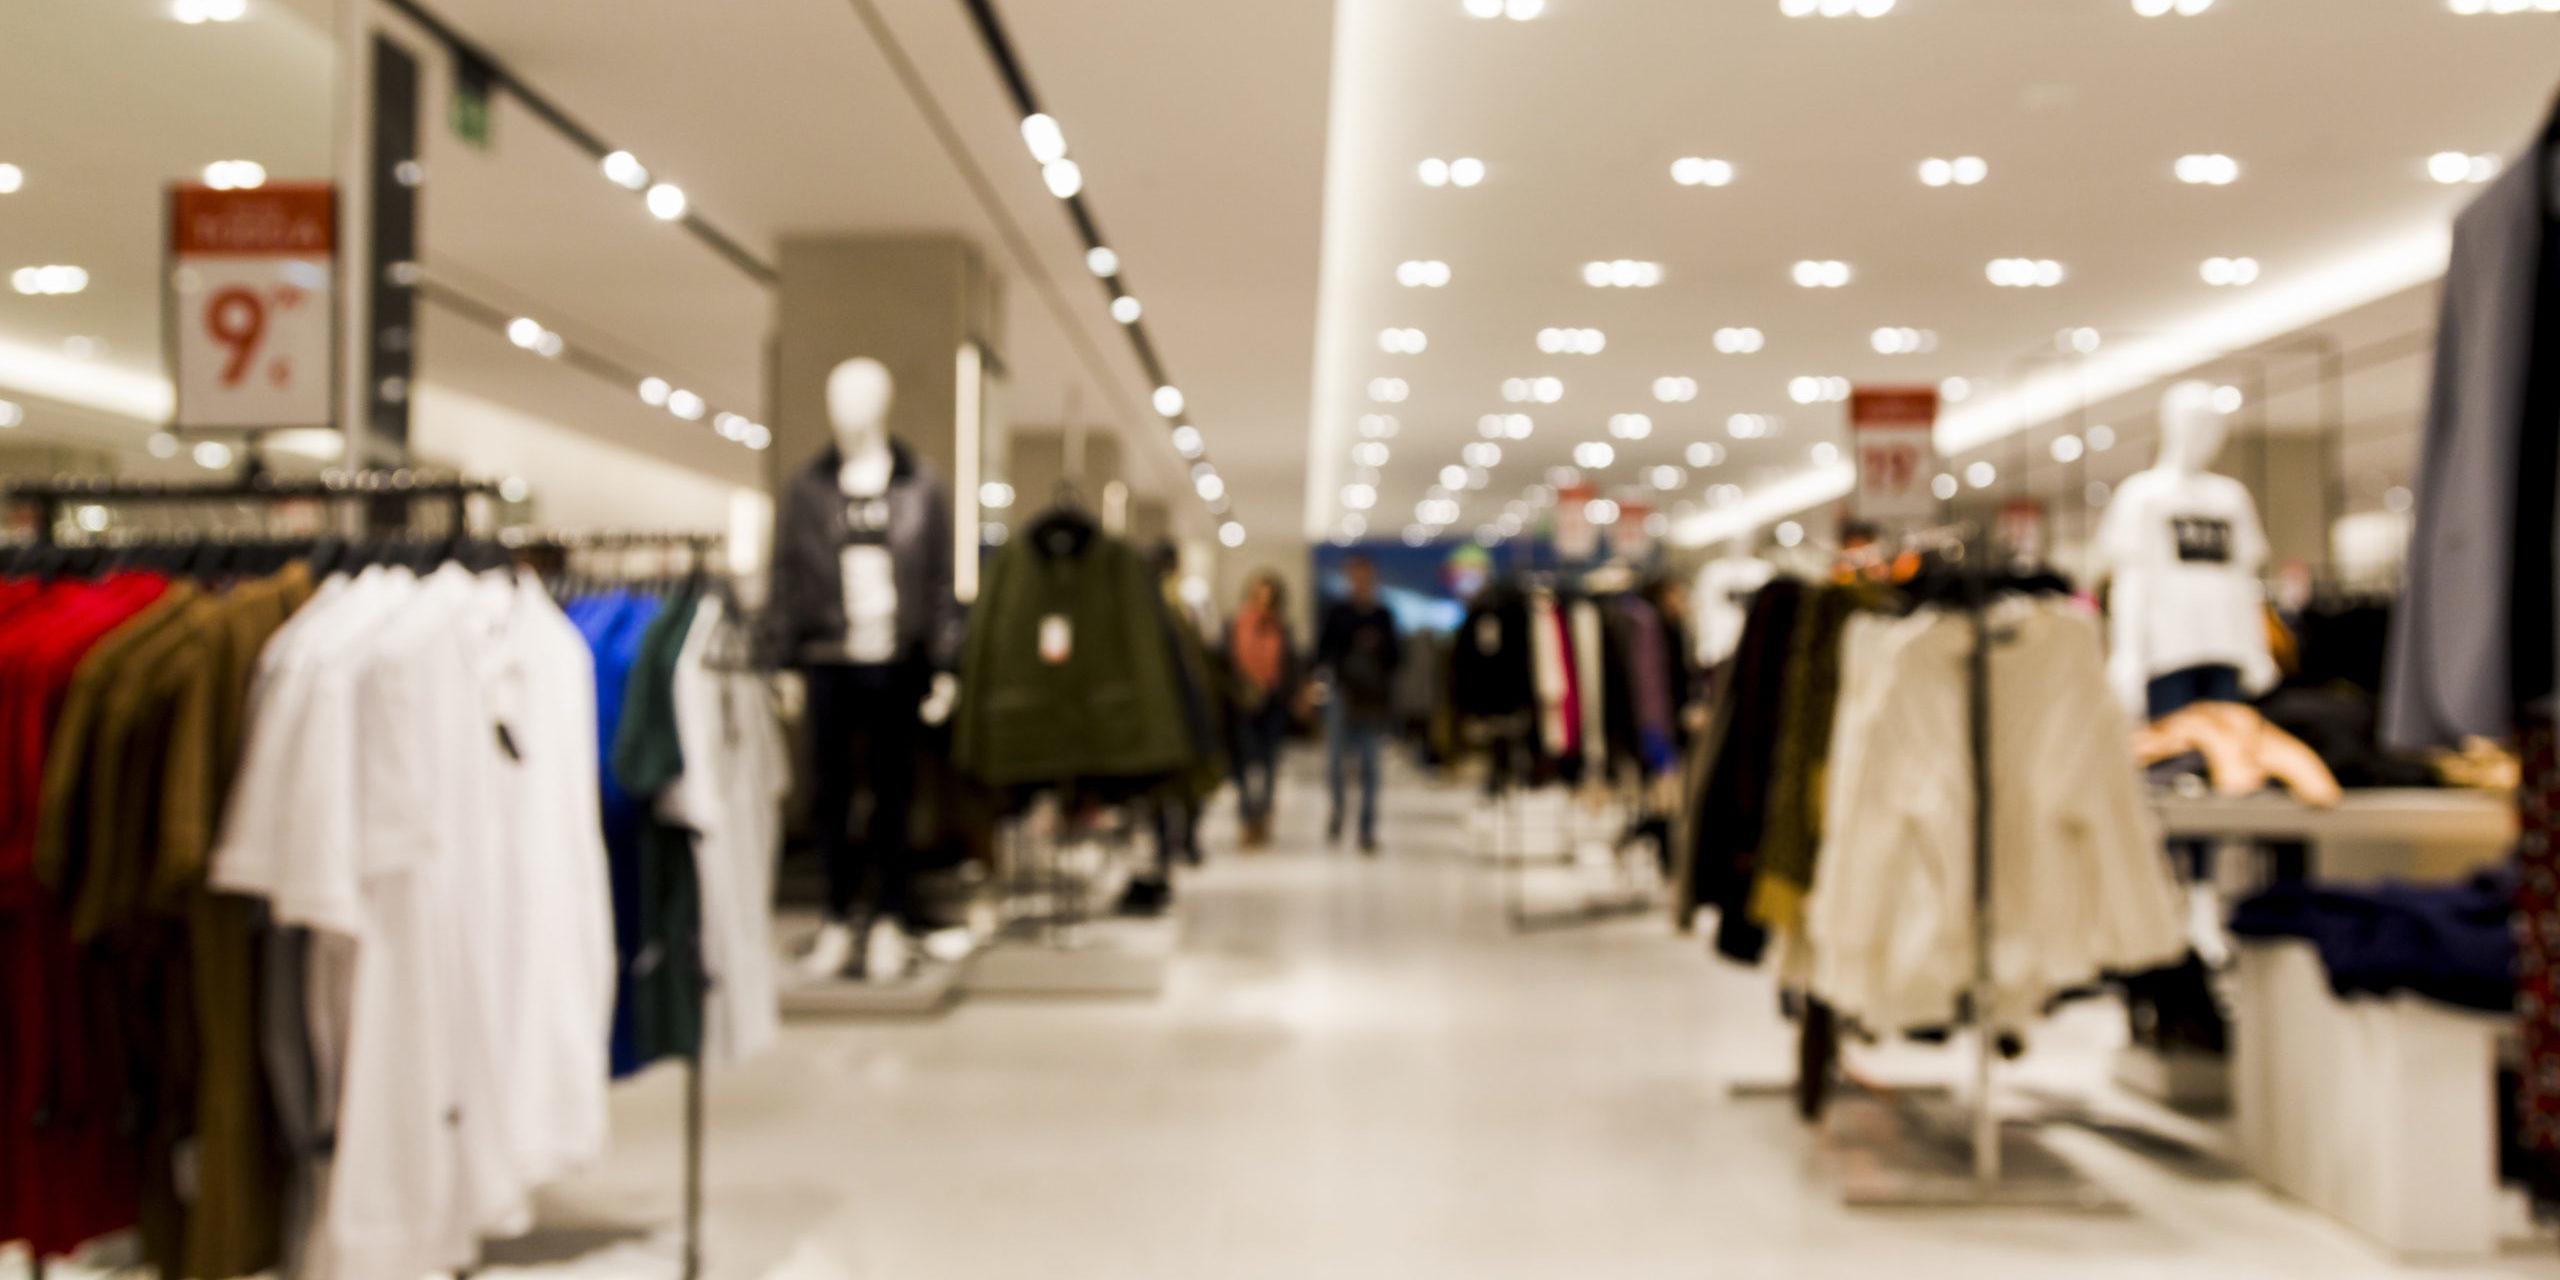 servei-neteja-botigues-outlets-centres-comercials